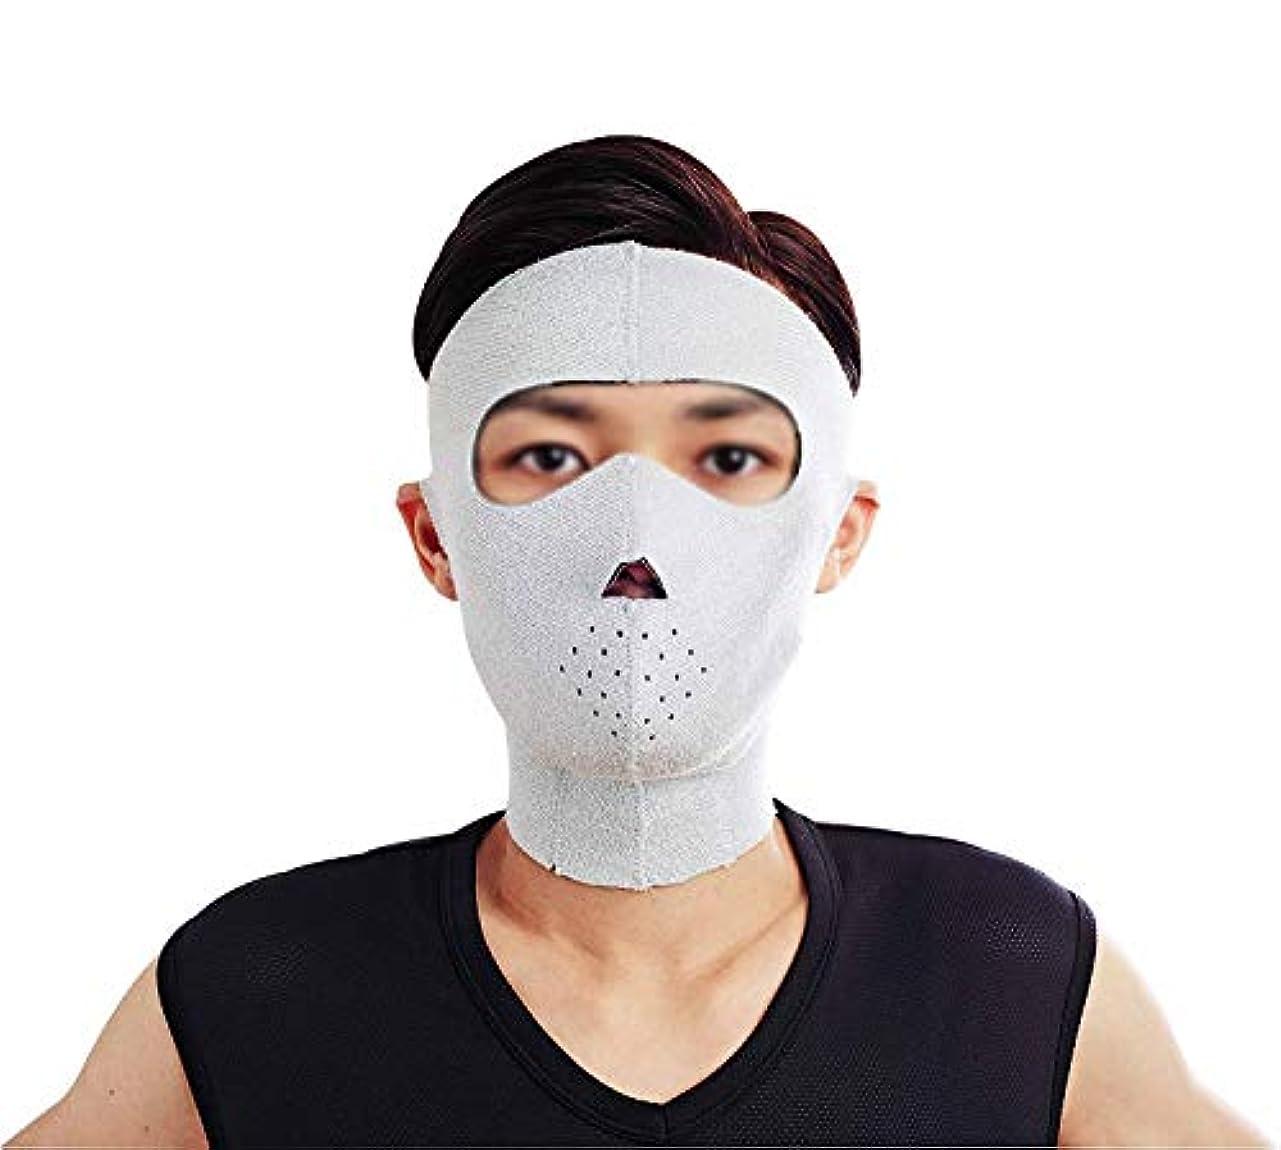 絶壁聡明国歌TLMY 薄い顔のマスクのマスクと男性のネックバンドとの垂れ下がり防止の薄い顔のマスクの薄い顔のマスクのアーチファクトの美しさを引き締め 顔用整形マスク